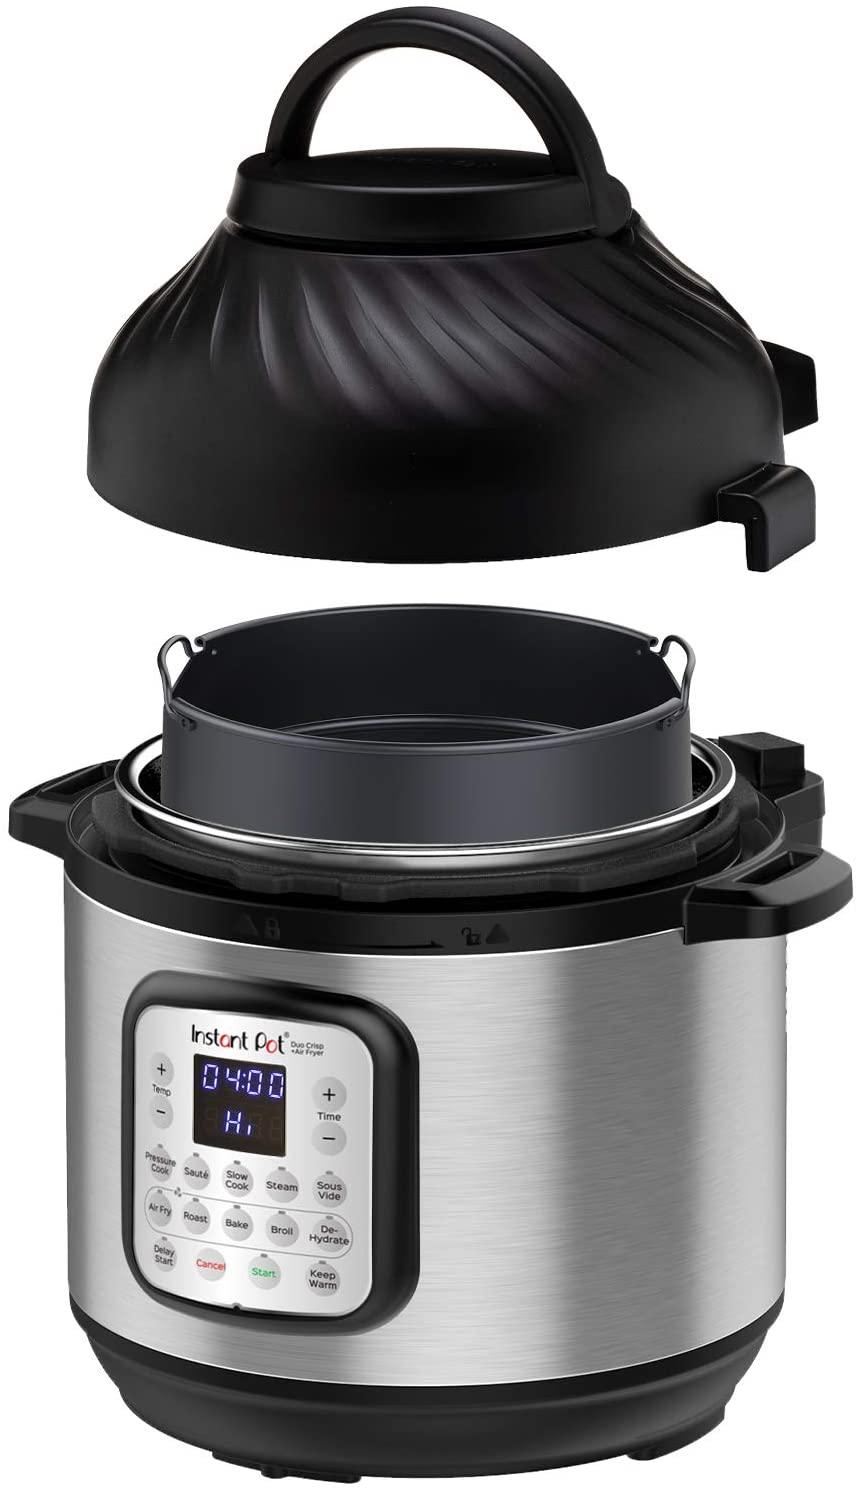 Instant Pot 8-Quart Air Fryer + EPC Combo, unique gift for dad